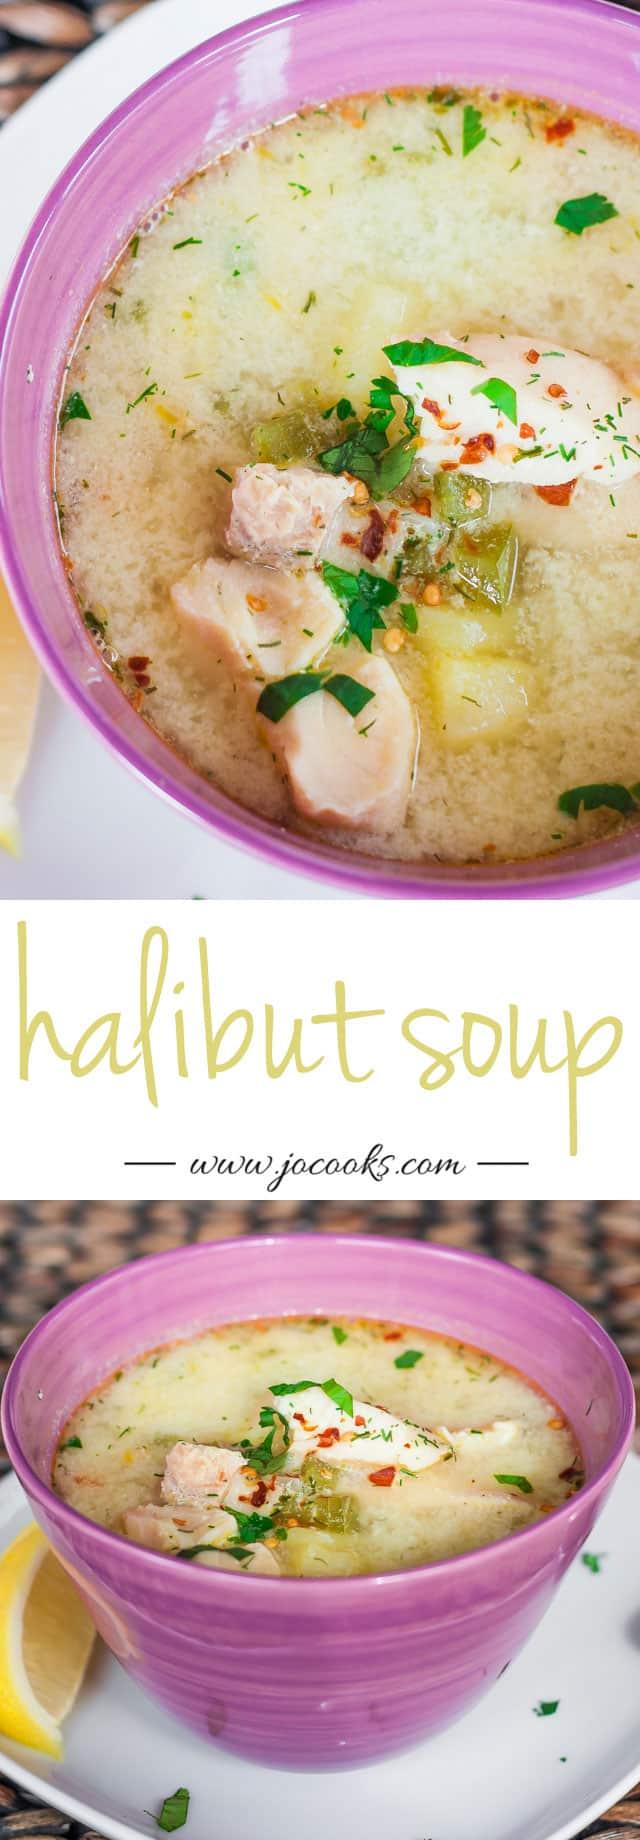 halibut-soup-collage